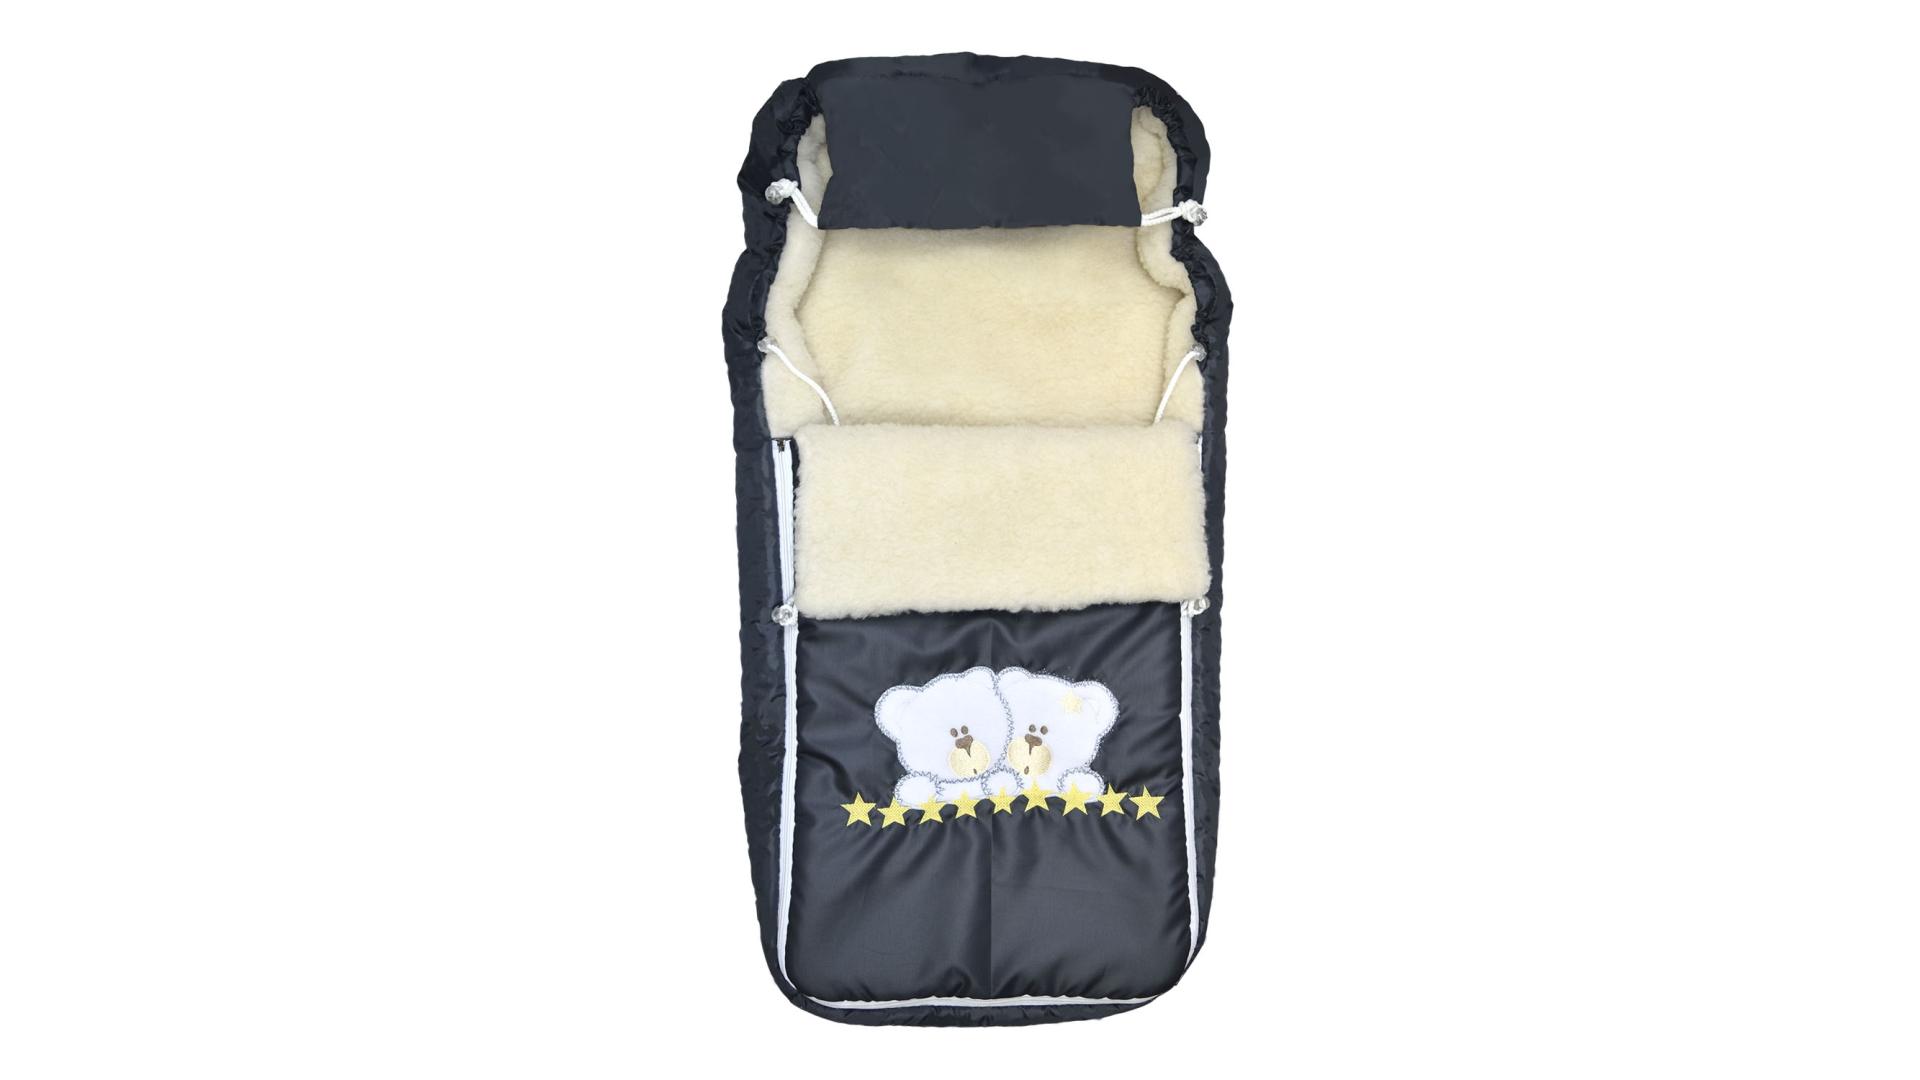 Конверт/одеяло на выписку Мишки (жёлтые звёзды) фото FullHD (0)